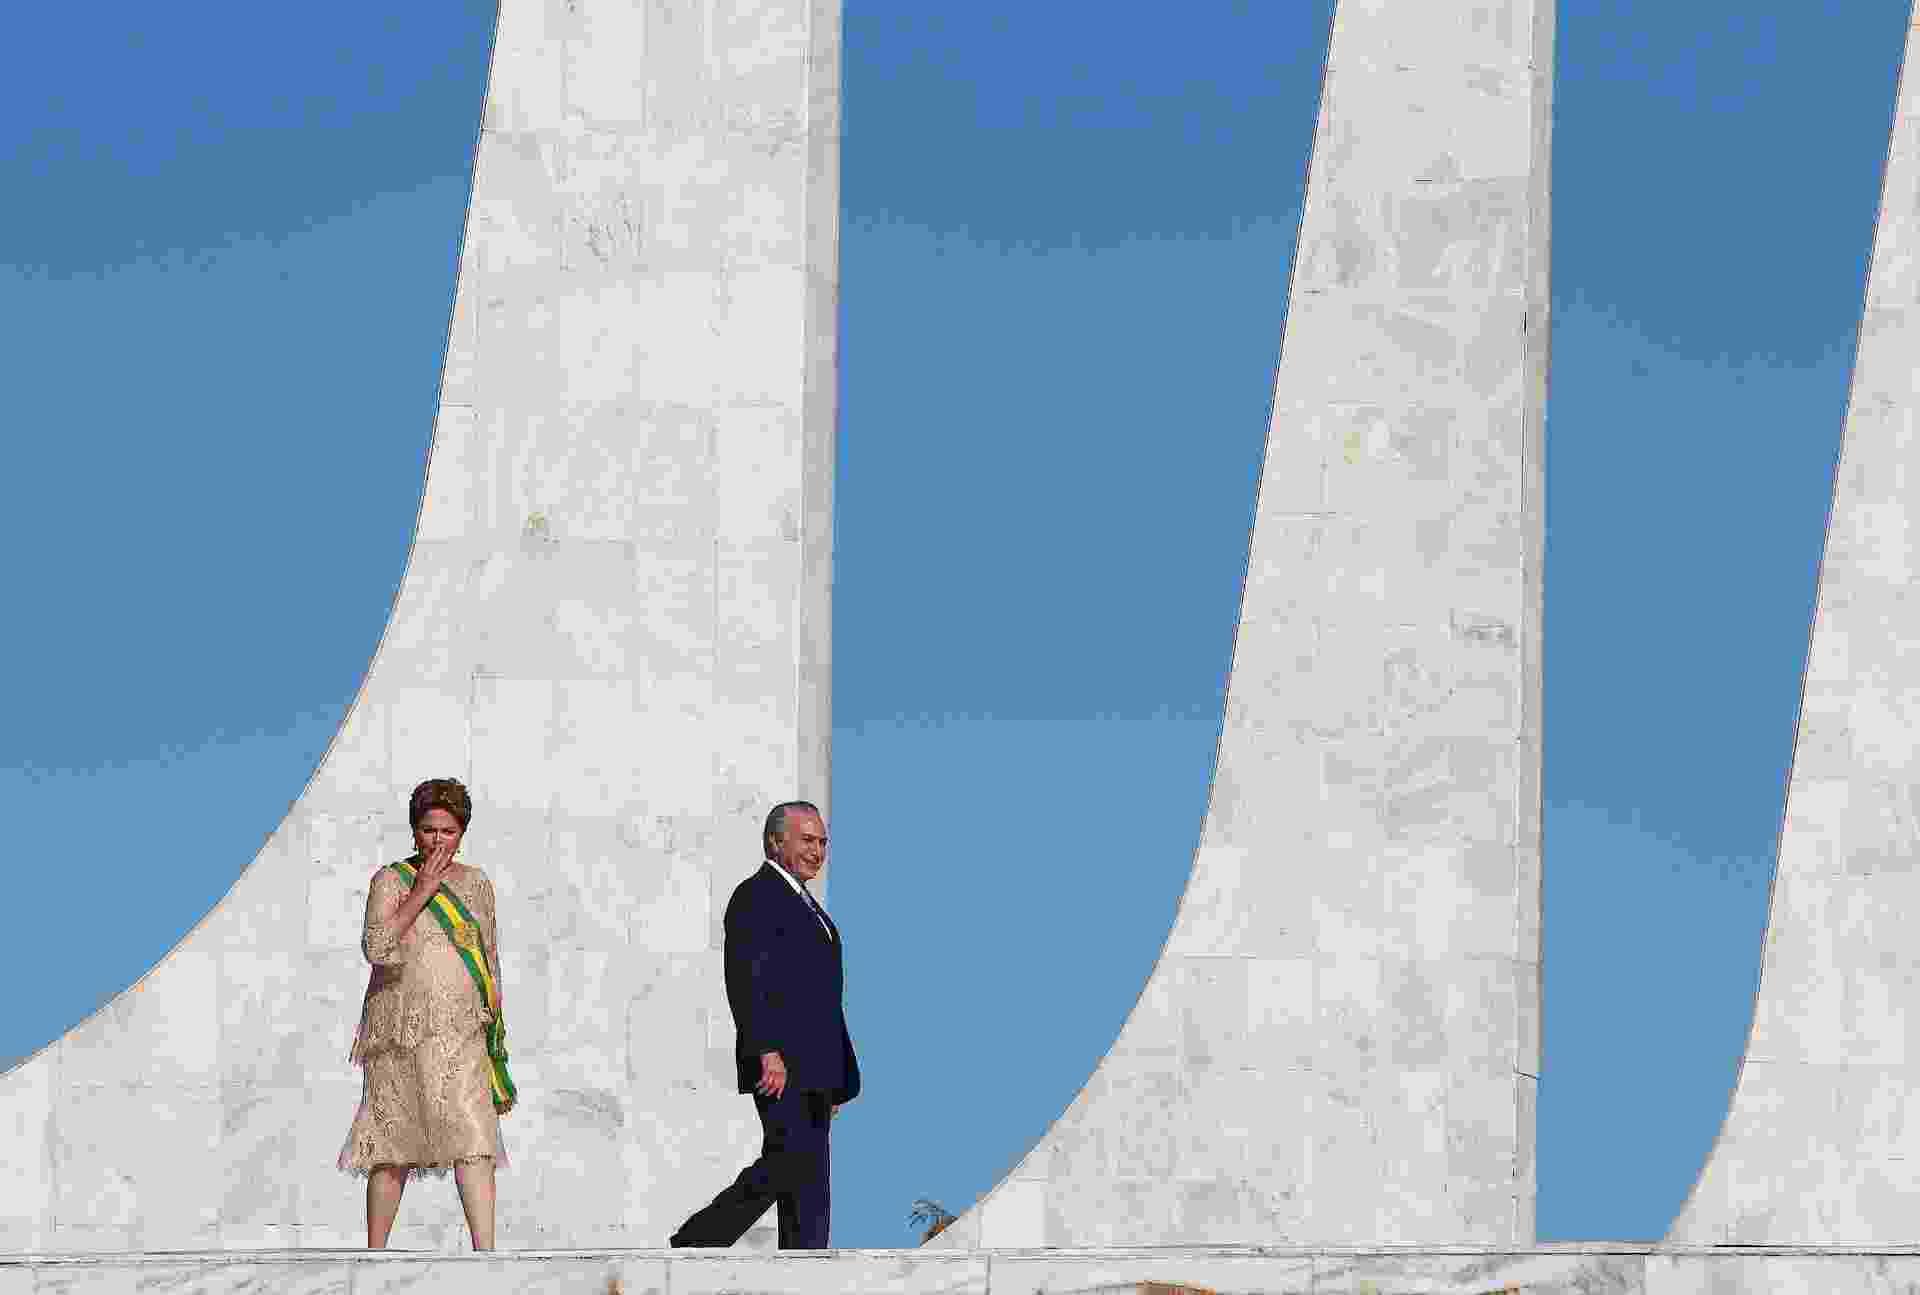 1º.jan.2015 - A presidente Dilma Rousseff se dirige ao parlatório durante cerimônia de posse para seu segundo mandato, no Palácio do Planalto, ao lado do vice-presidente Michel Temer, nesta quinta-feira (1º) - Pedro Ladeira/Folhapress